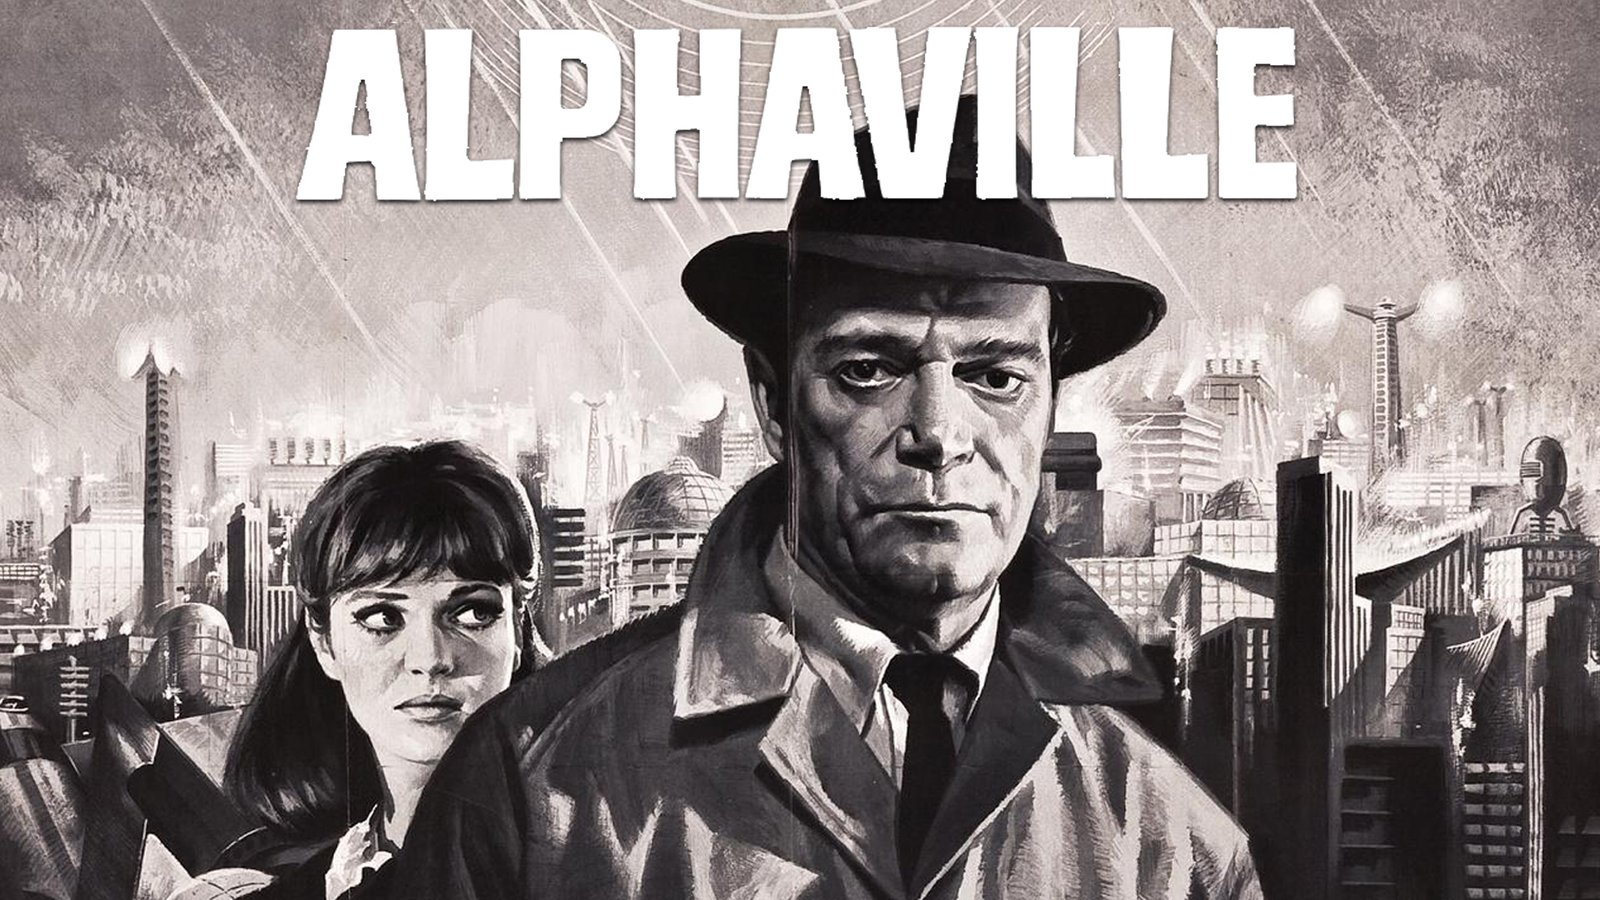 Alphaville